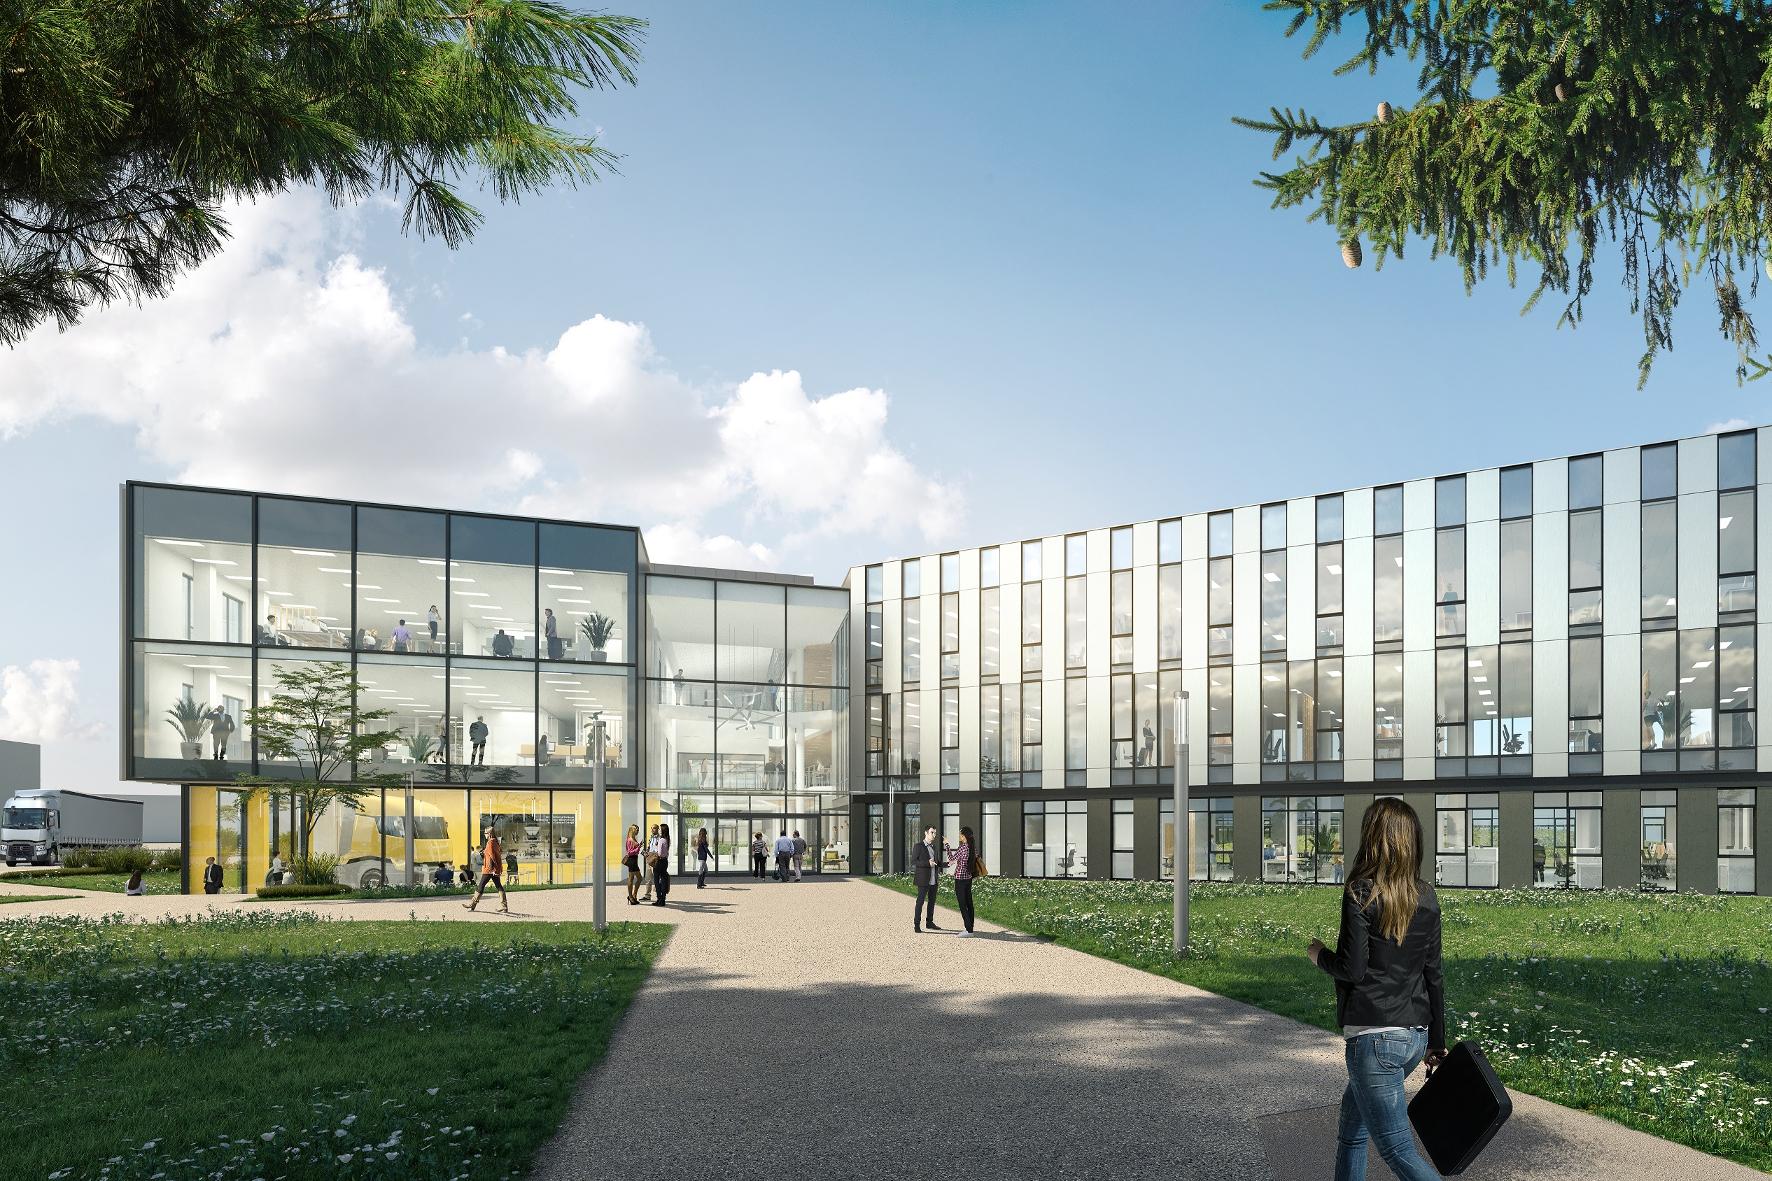 mid Groß-Gerau - Ab 2021 sollen 1.000 Mitarbeiter in einem neuen Forschungs- und Entwicklungszentrum bei Lyon für Renault Trucks arbeiten. Renault Trucks